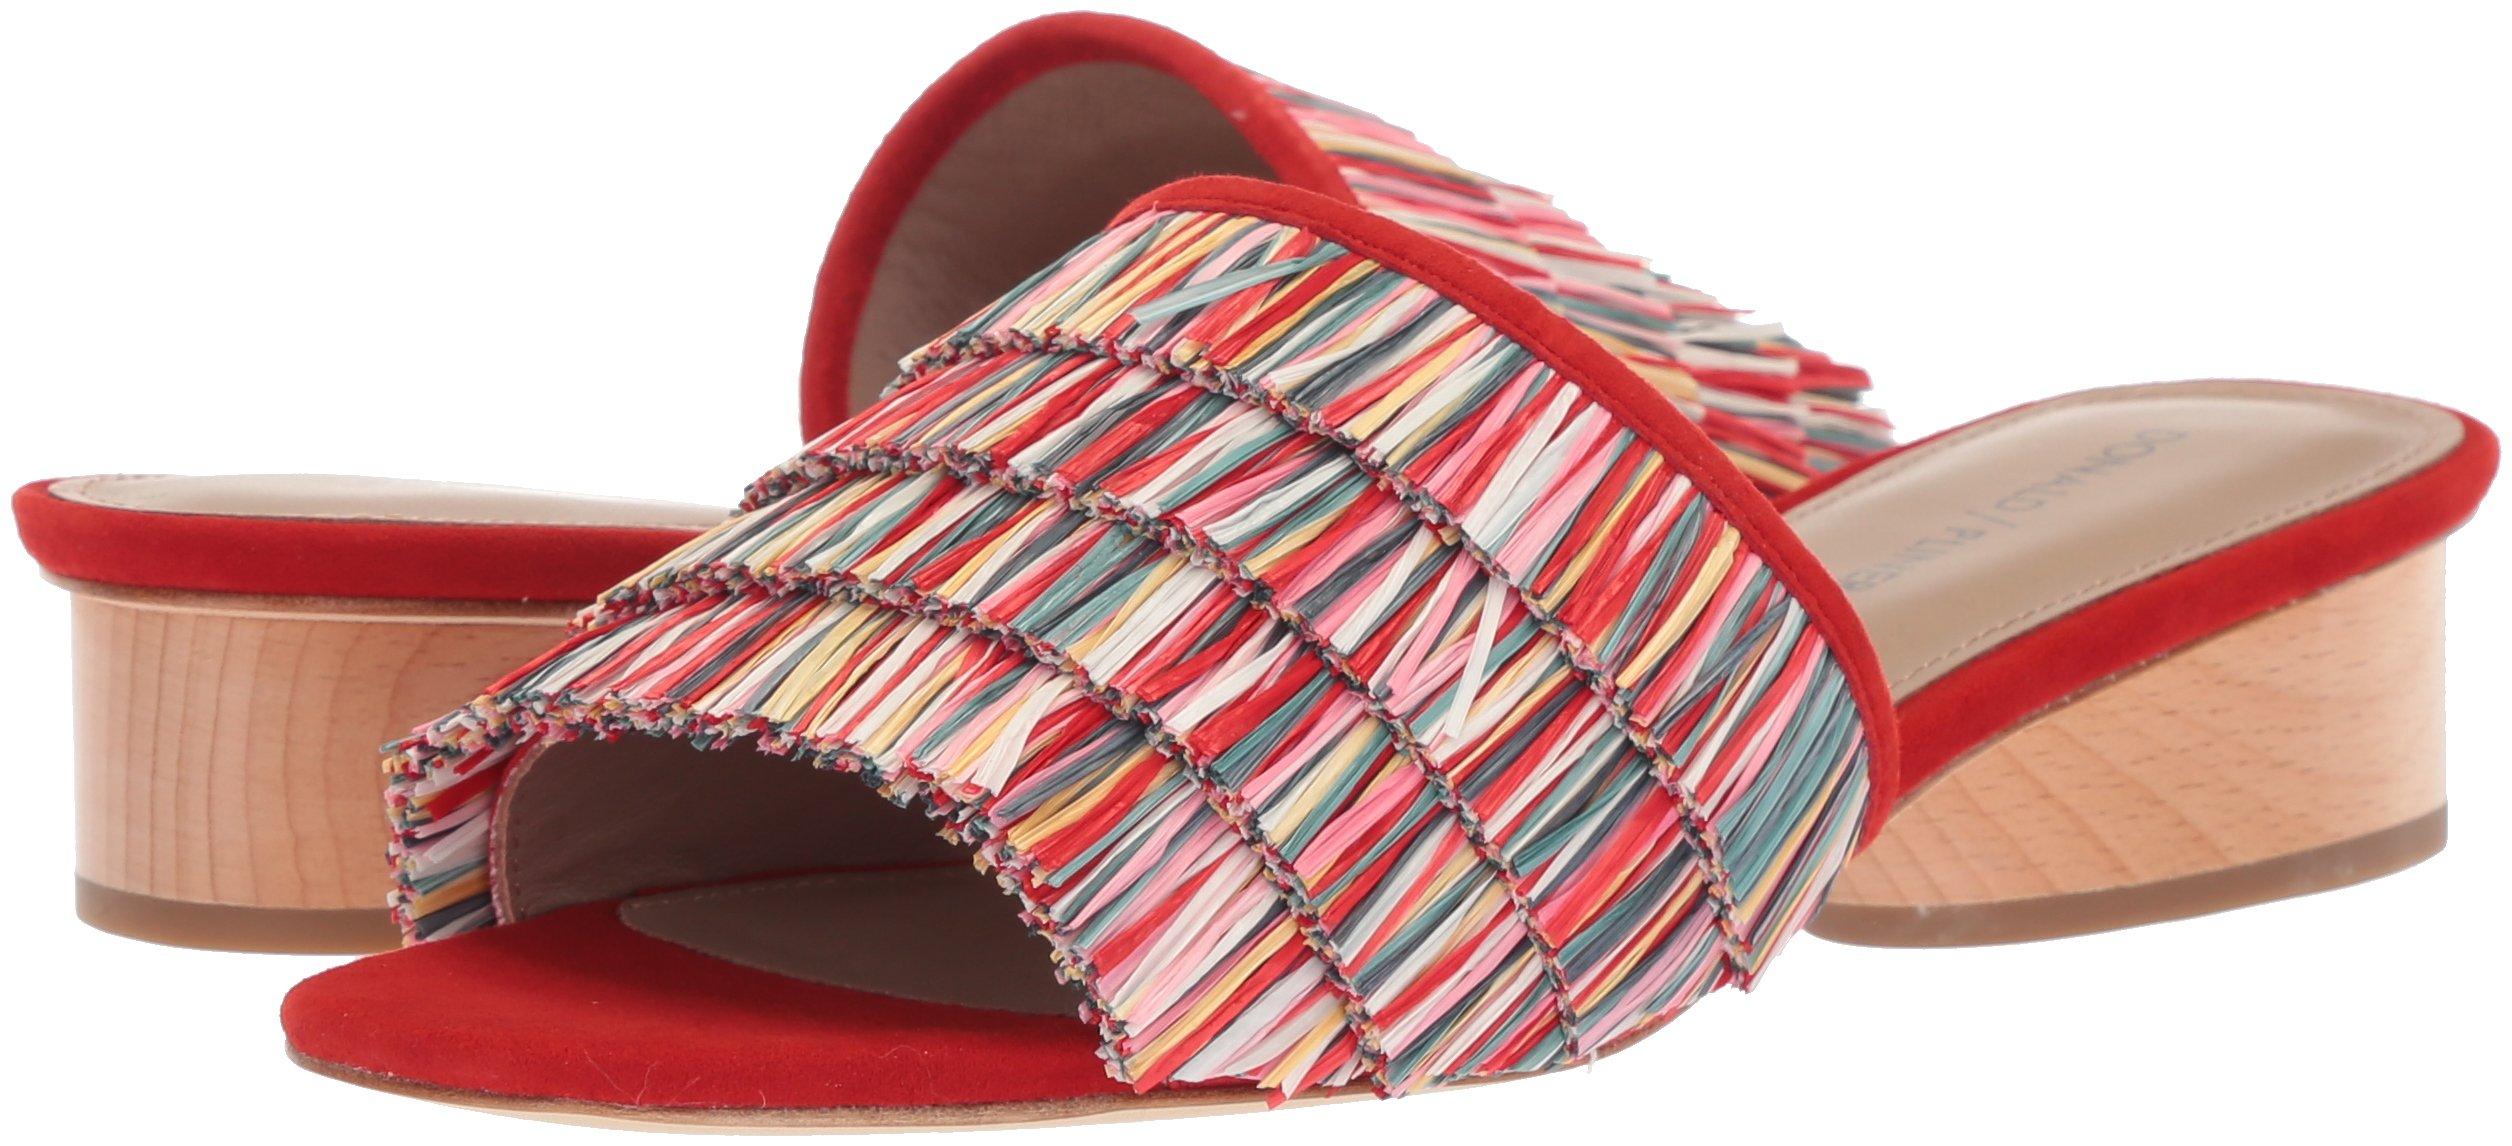 Donald J Pliner Women's Reise Slide Sandal, Red/Multi, 9 Medium US by Donald J Pliner (Image #6)